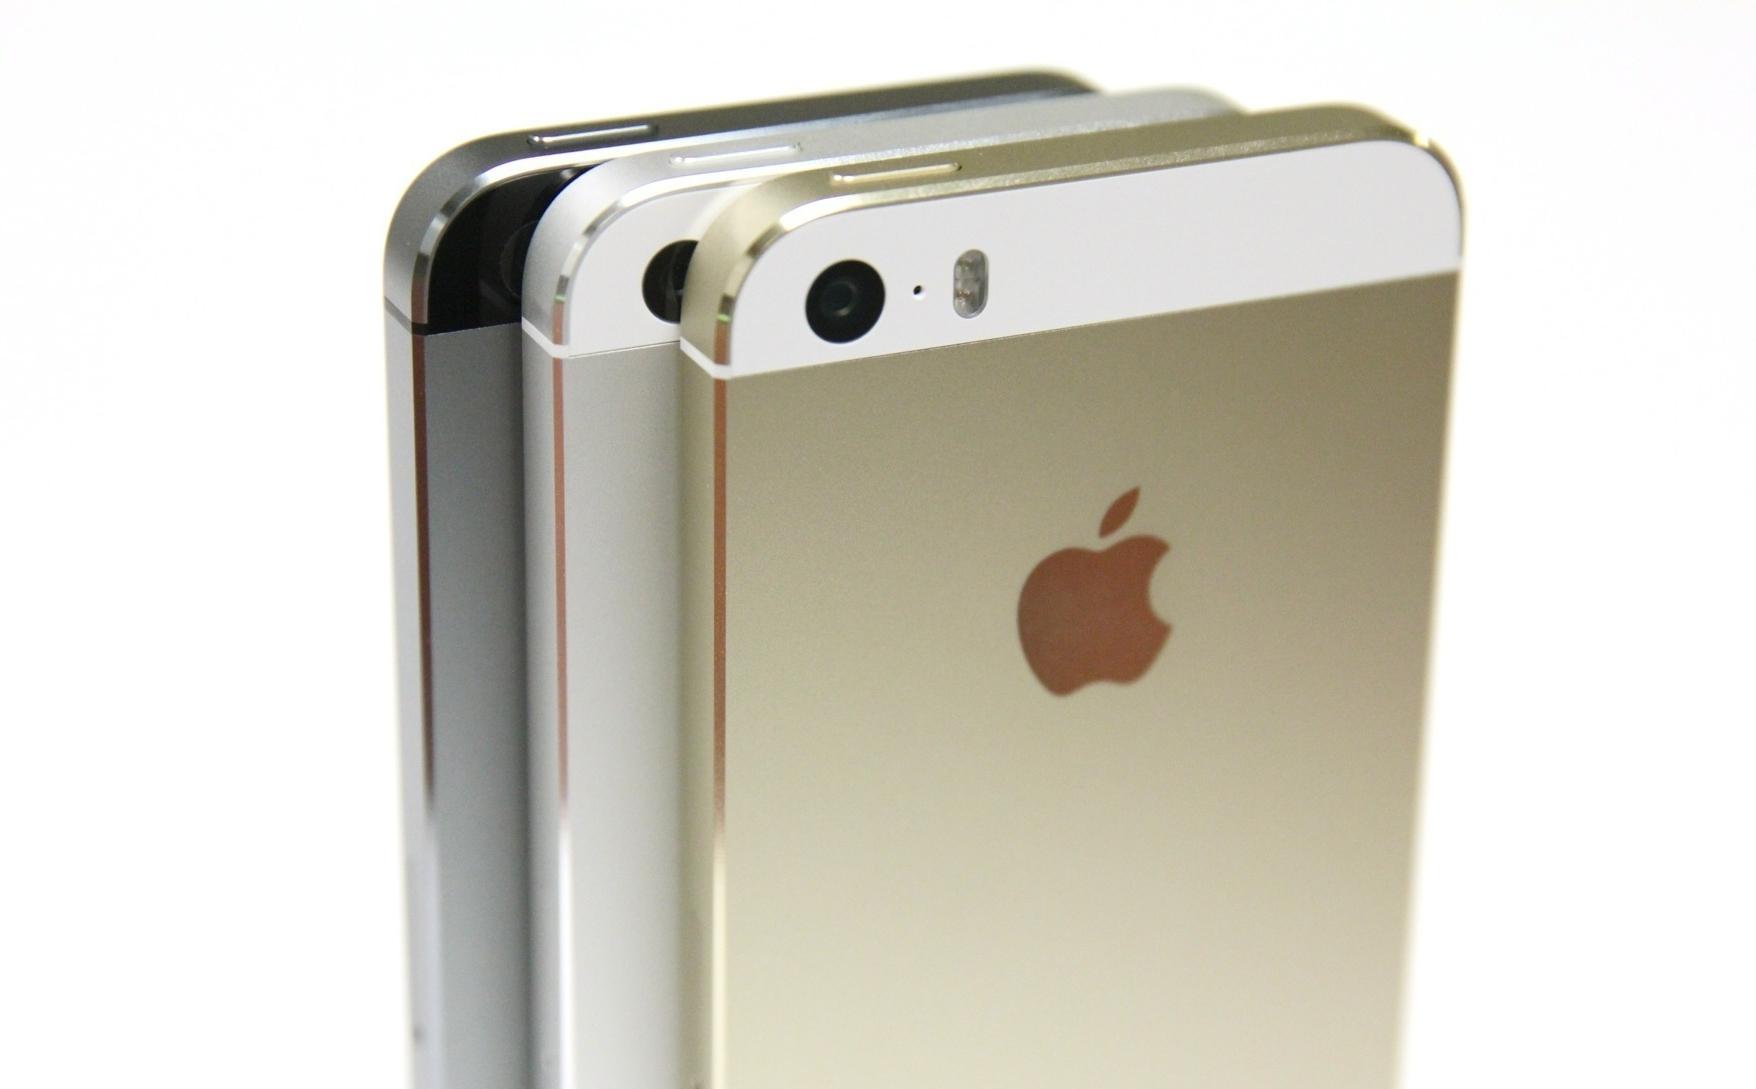 Appledan iPhone 6C sürprizi 96